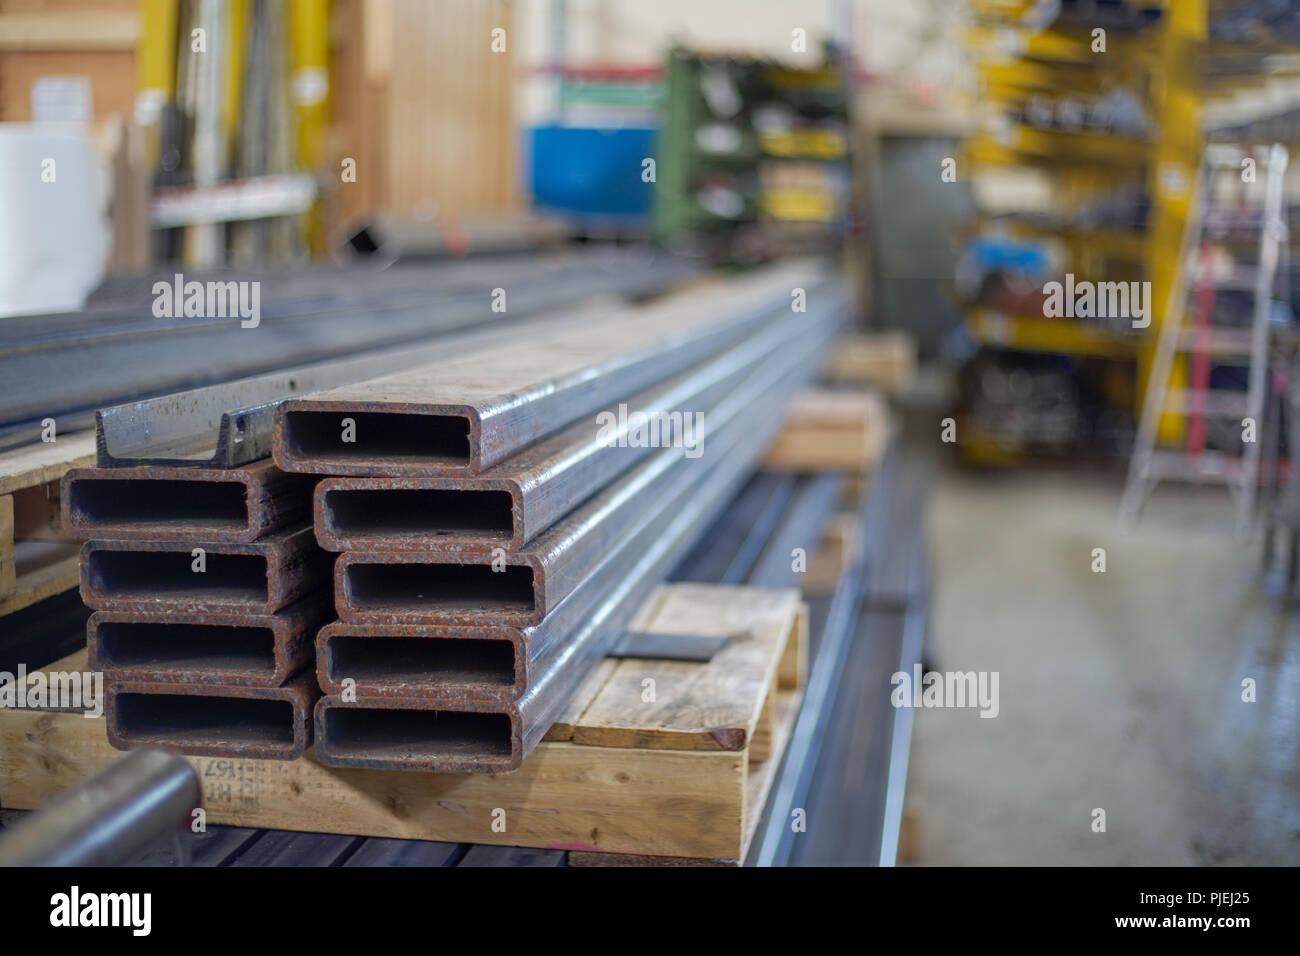 Acciaio strutturale tubi impilati su una slitta, con materiale rack di stoccaggio e impianto di fabbricazione in background Immagini Stock